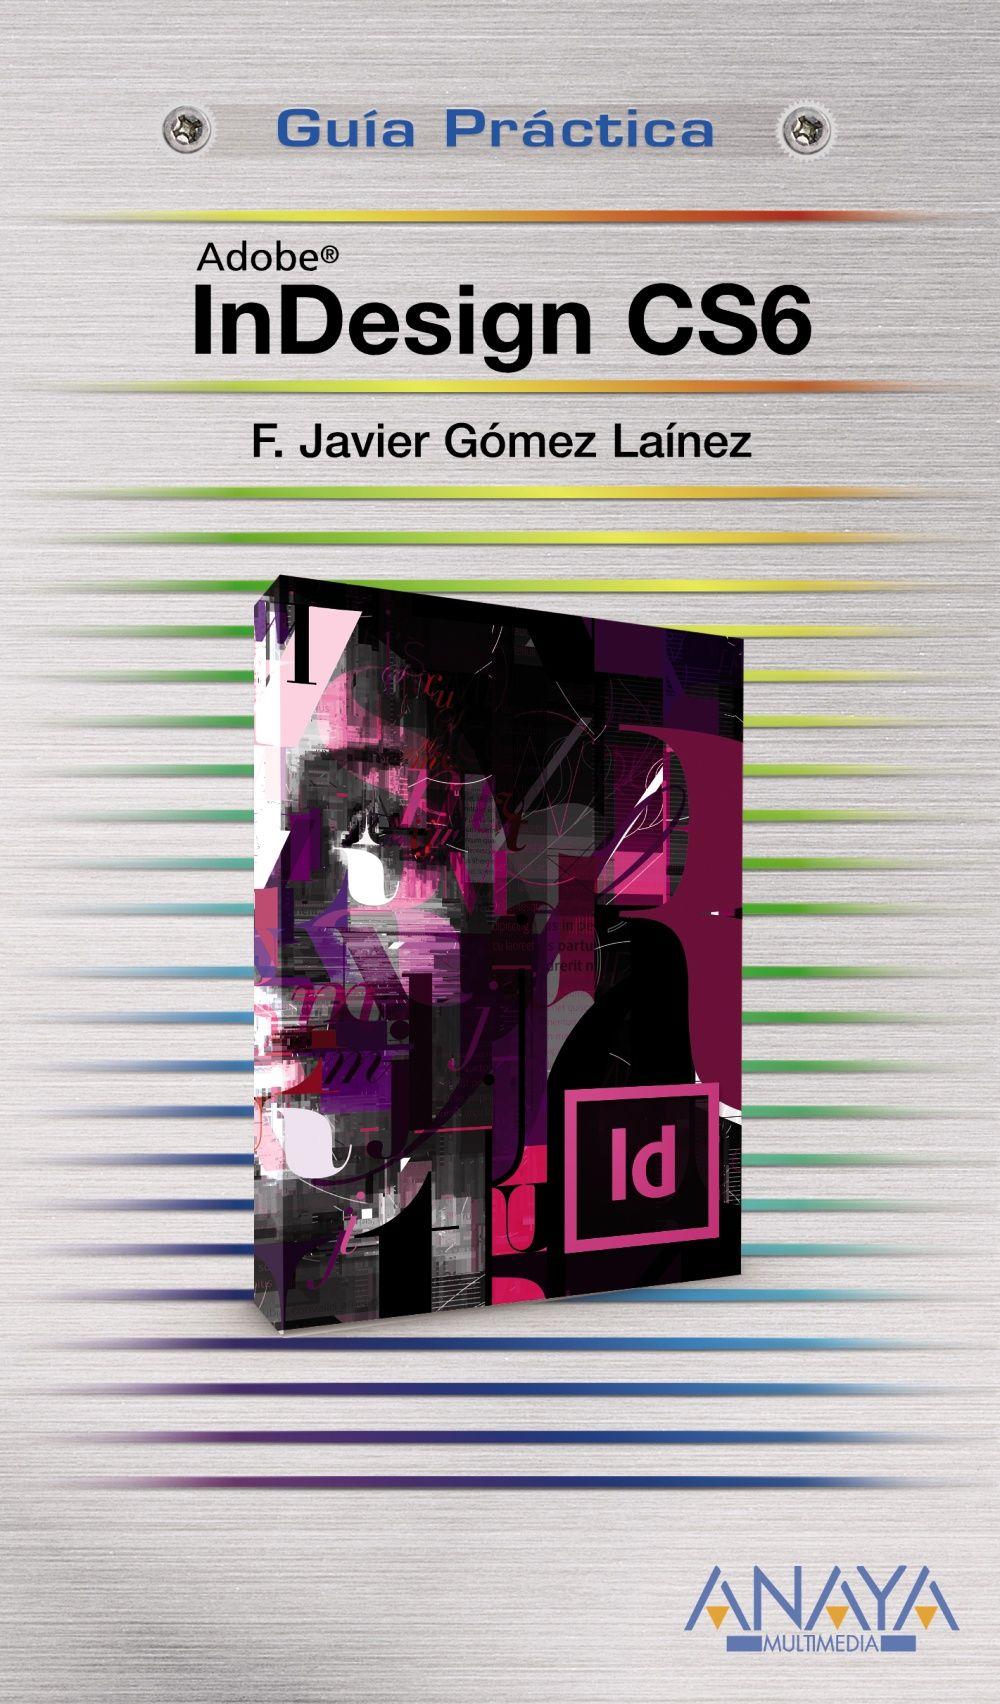 Como Hacer La Portada De Un Libro En Indesign Cs6 Buscar Con Google Indesign Indesign Tutorials Adobe Design